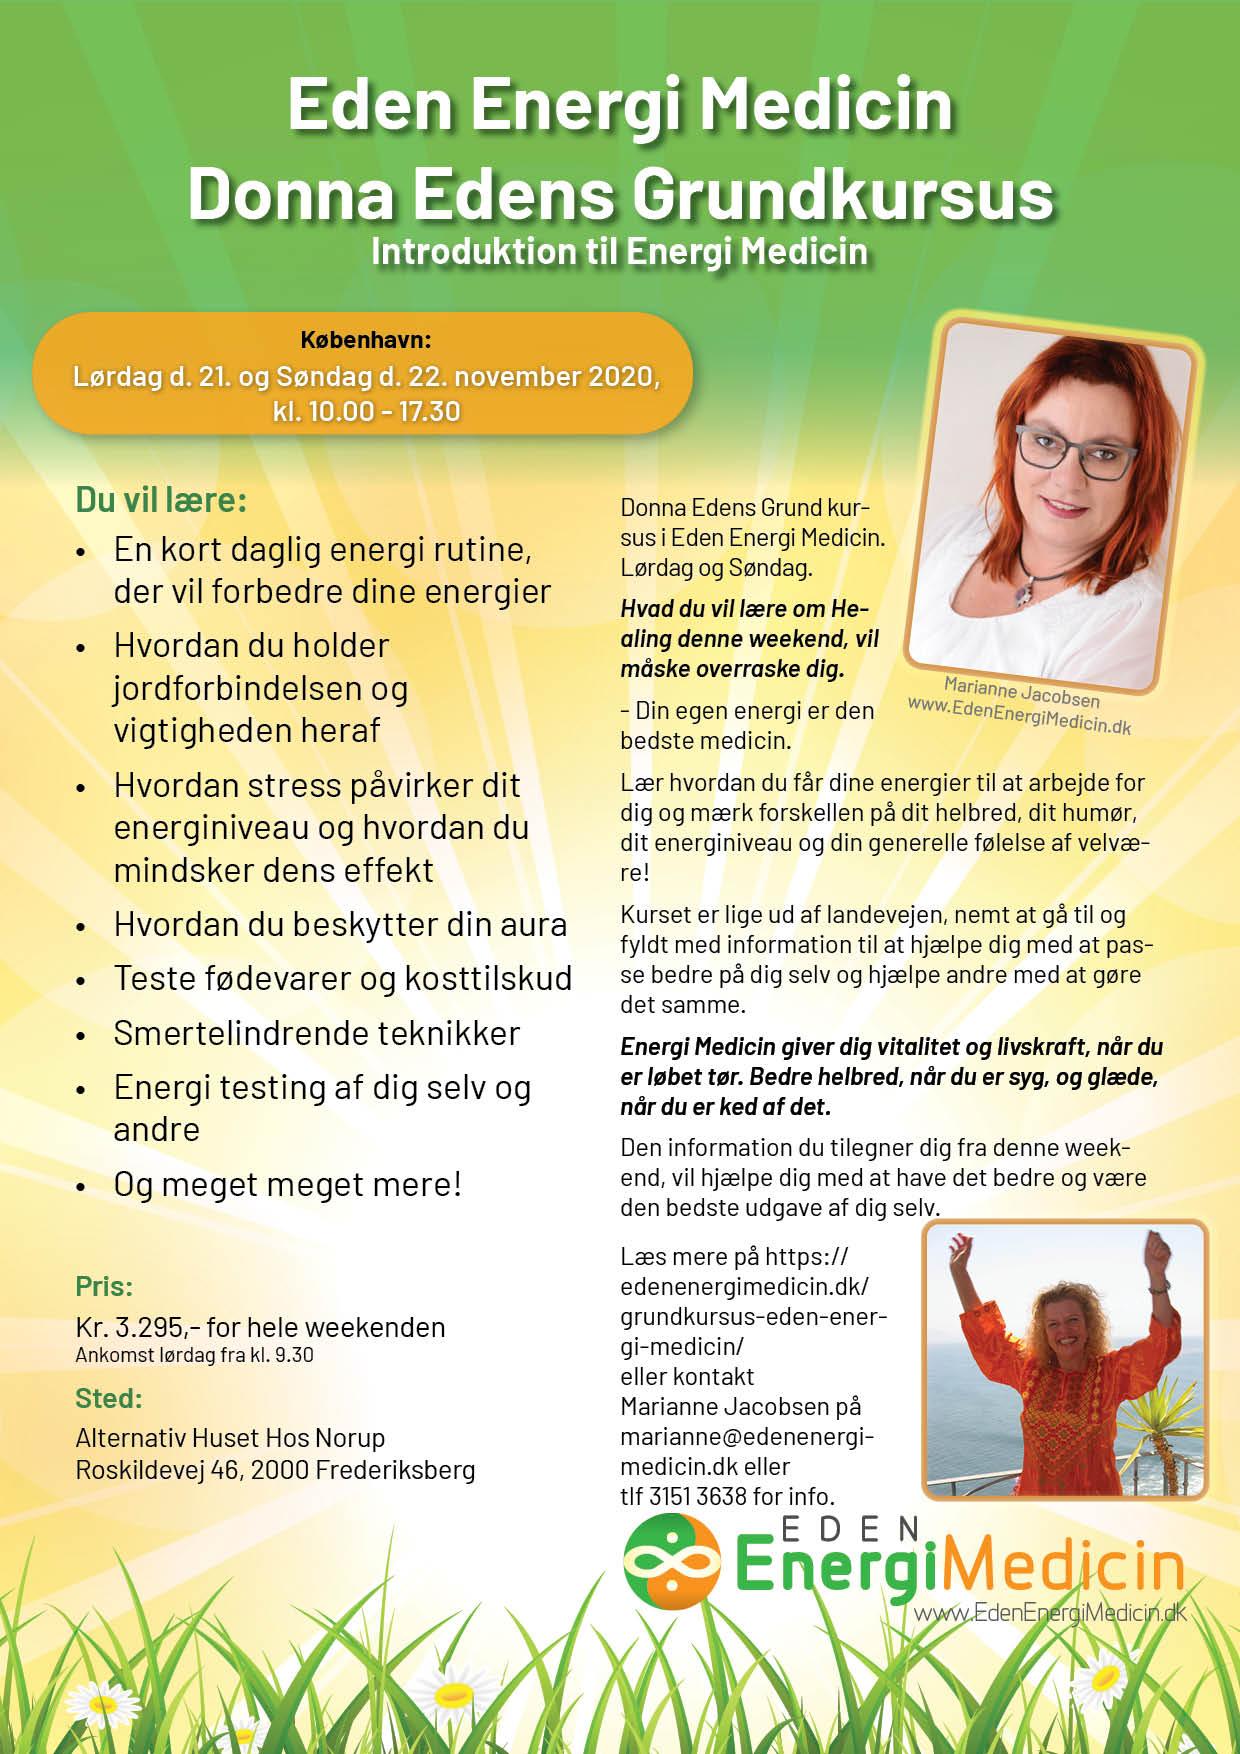 Introduktion til Eden Energi Medicin, weekendkursus